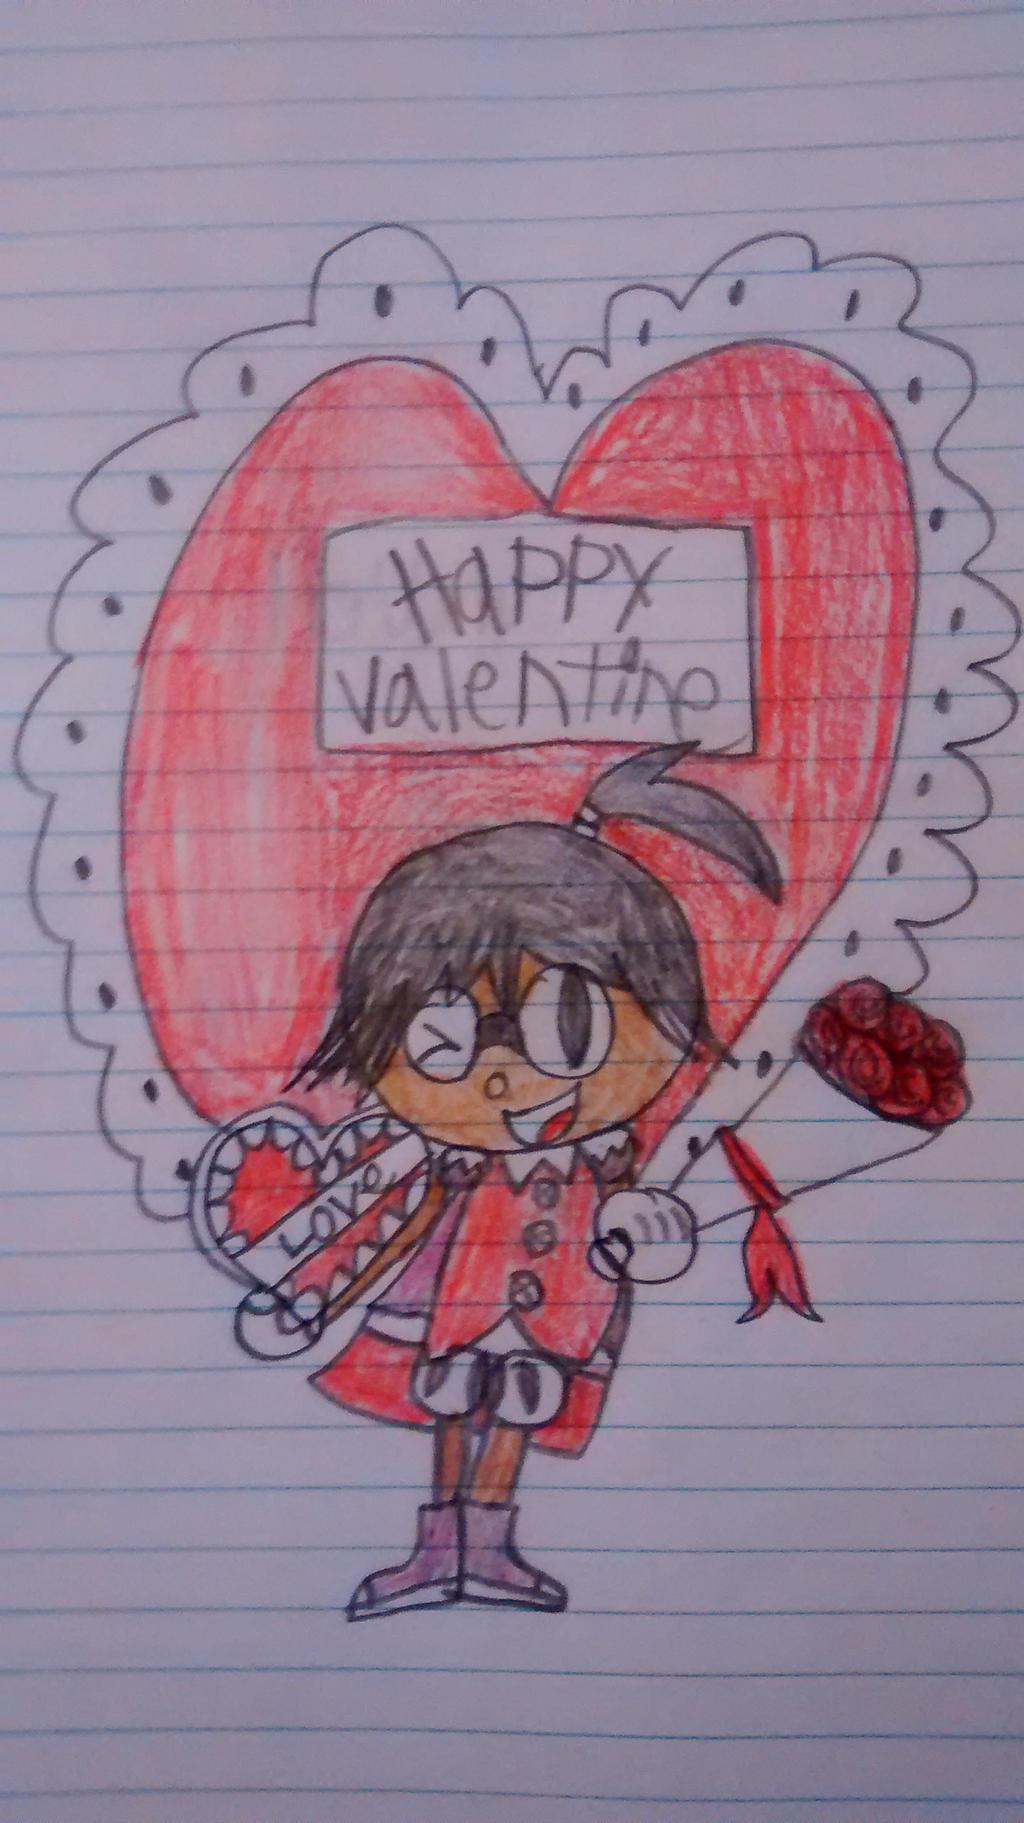 Happy valentines to my friends/watchers by superdes513